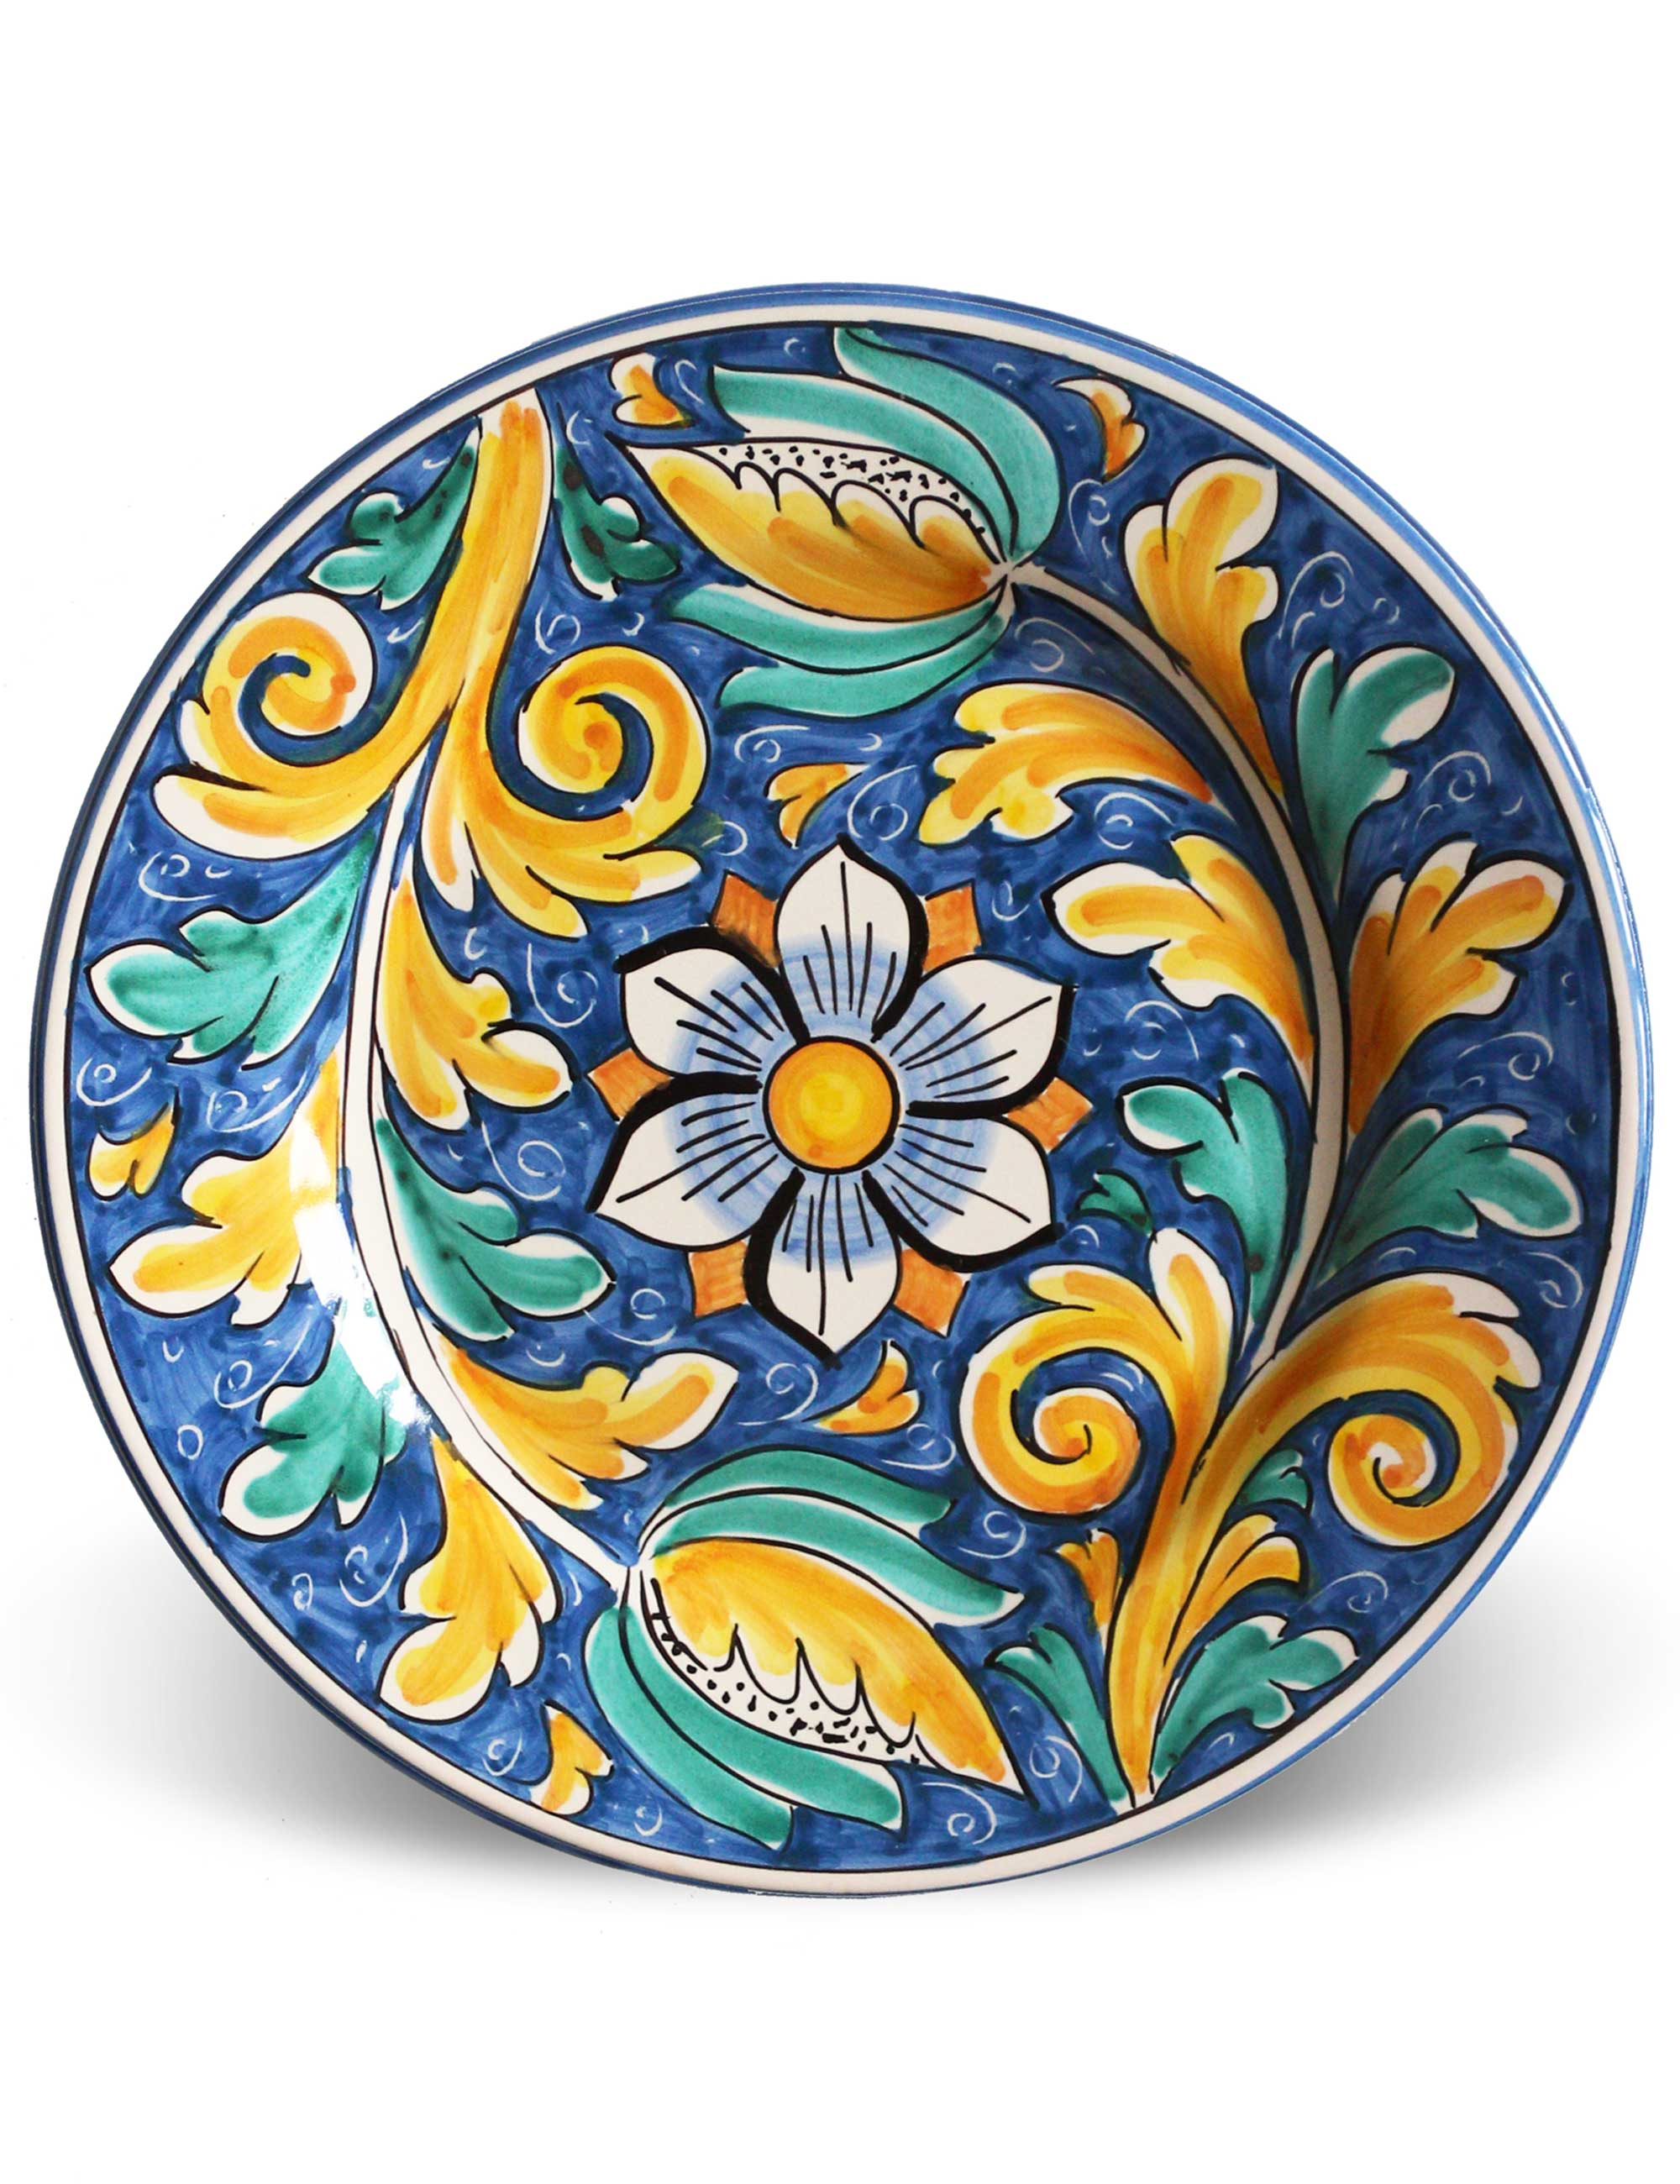 Piatto piano ceramica artigianale siciliana mondello for Piatti decorati